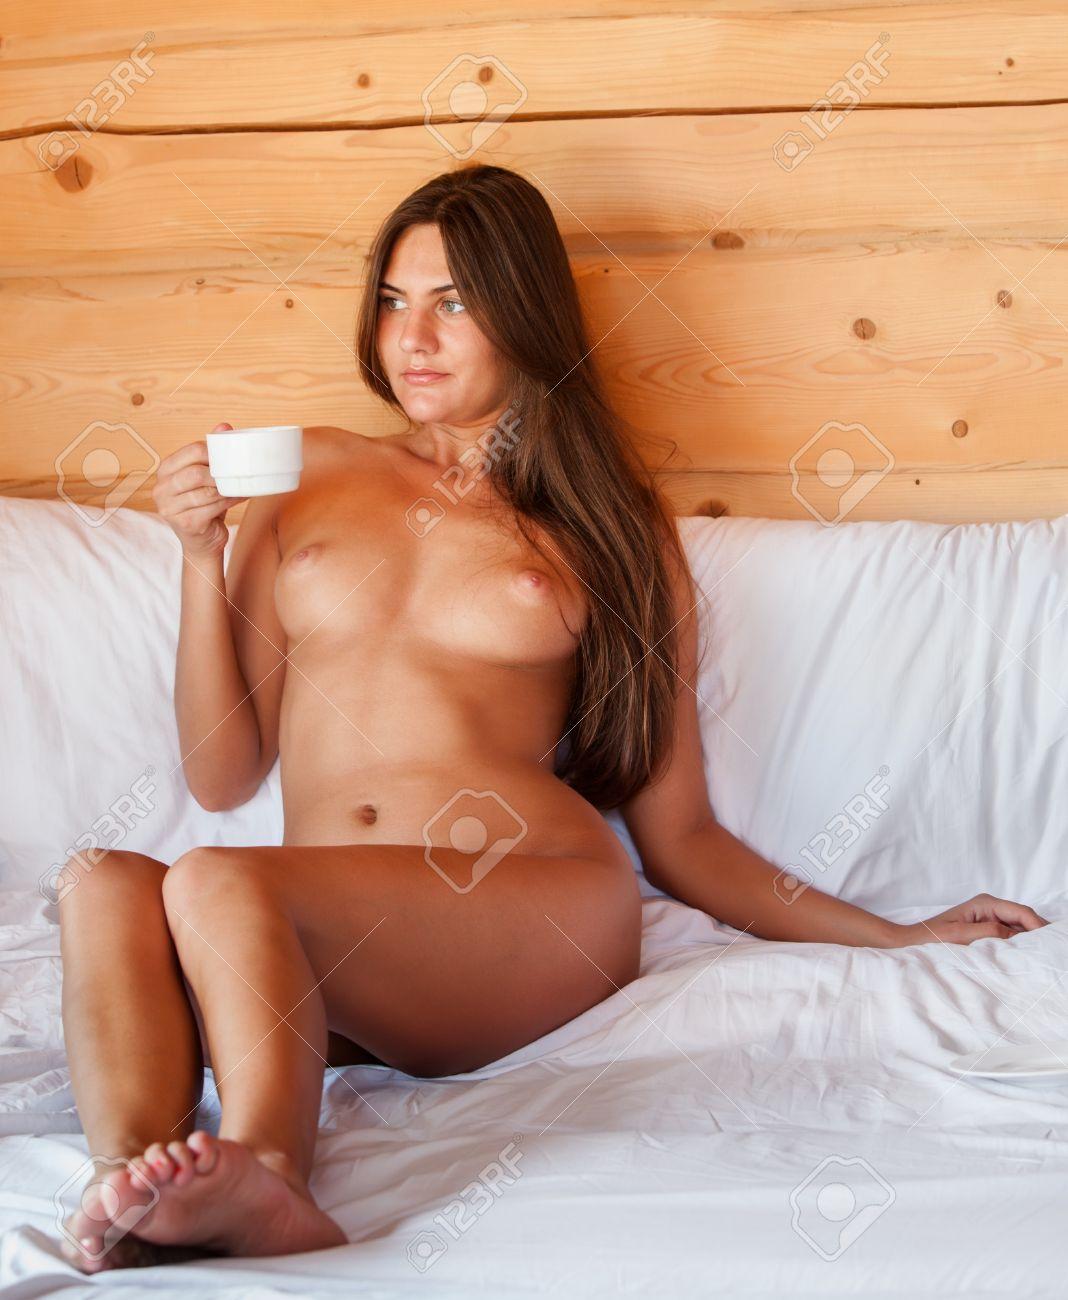 giovani donne nudo immagini